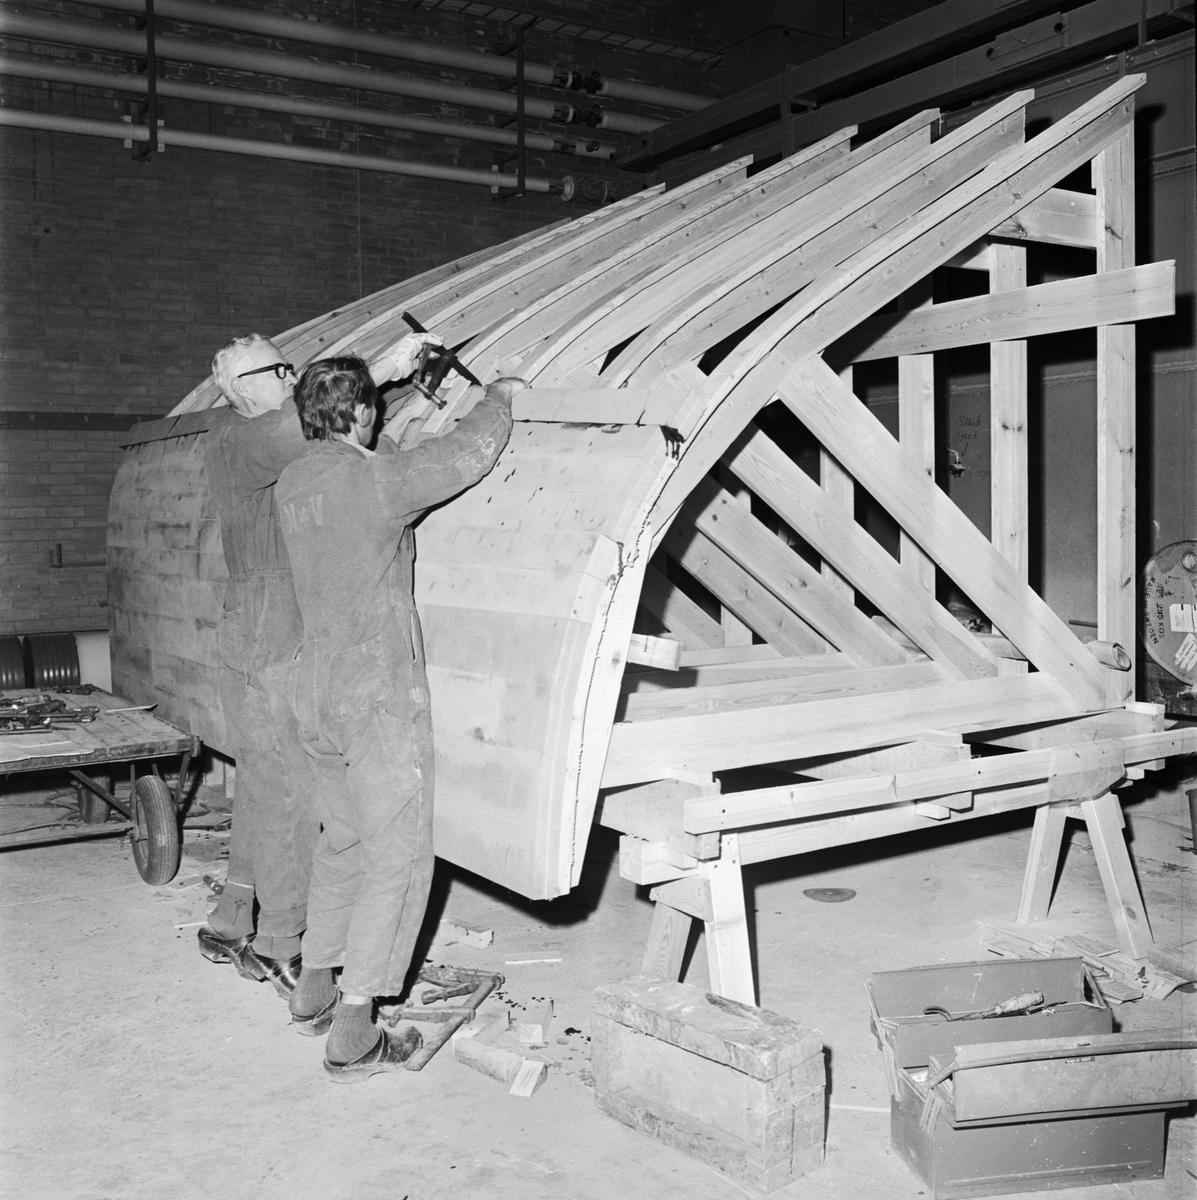 Övrigt: Foto datum: 13/12 1971 Verkstäder och personal. Tillverkningsprov typ minsvep